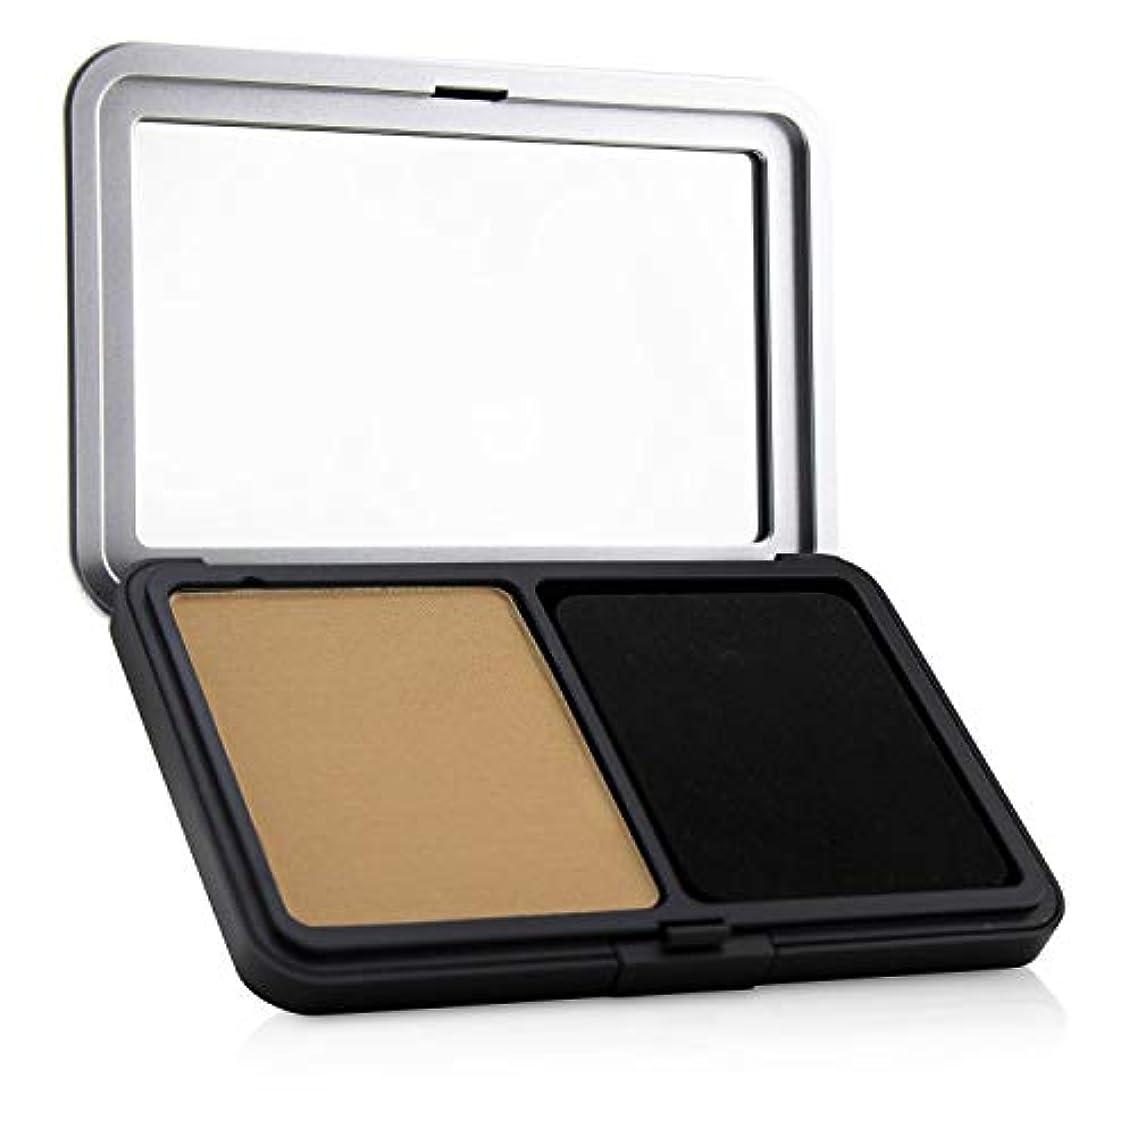 姉妹怒って美人メイクアップフォーエバー Matte Velvet Skin Blurring Powder Foundation - # Y335 (Dark Sand) 11g/0.38oz並行輸入品